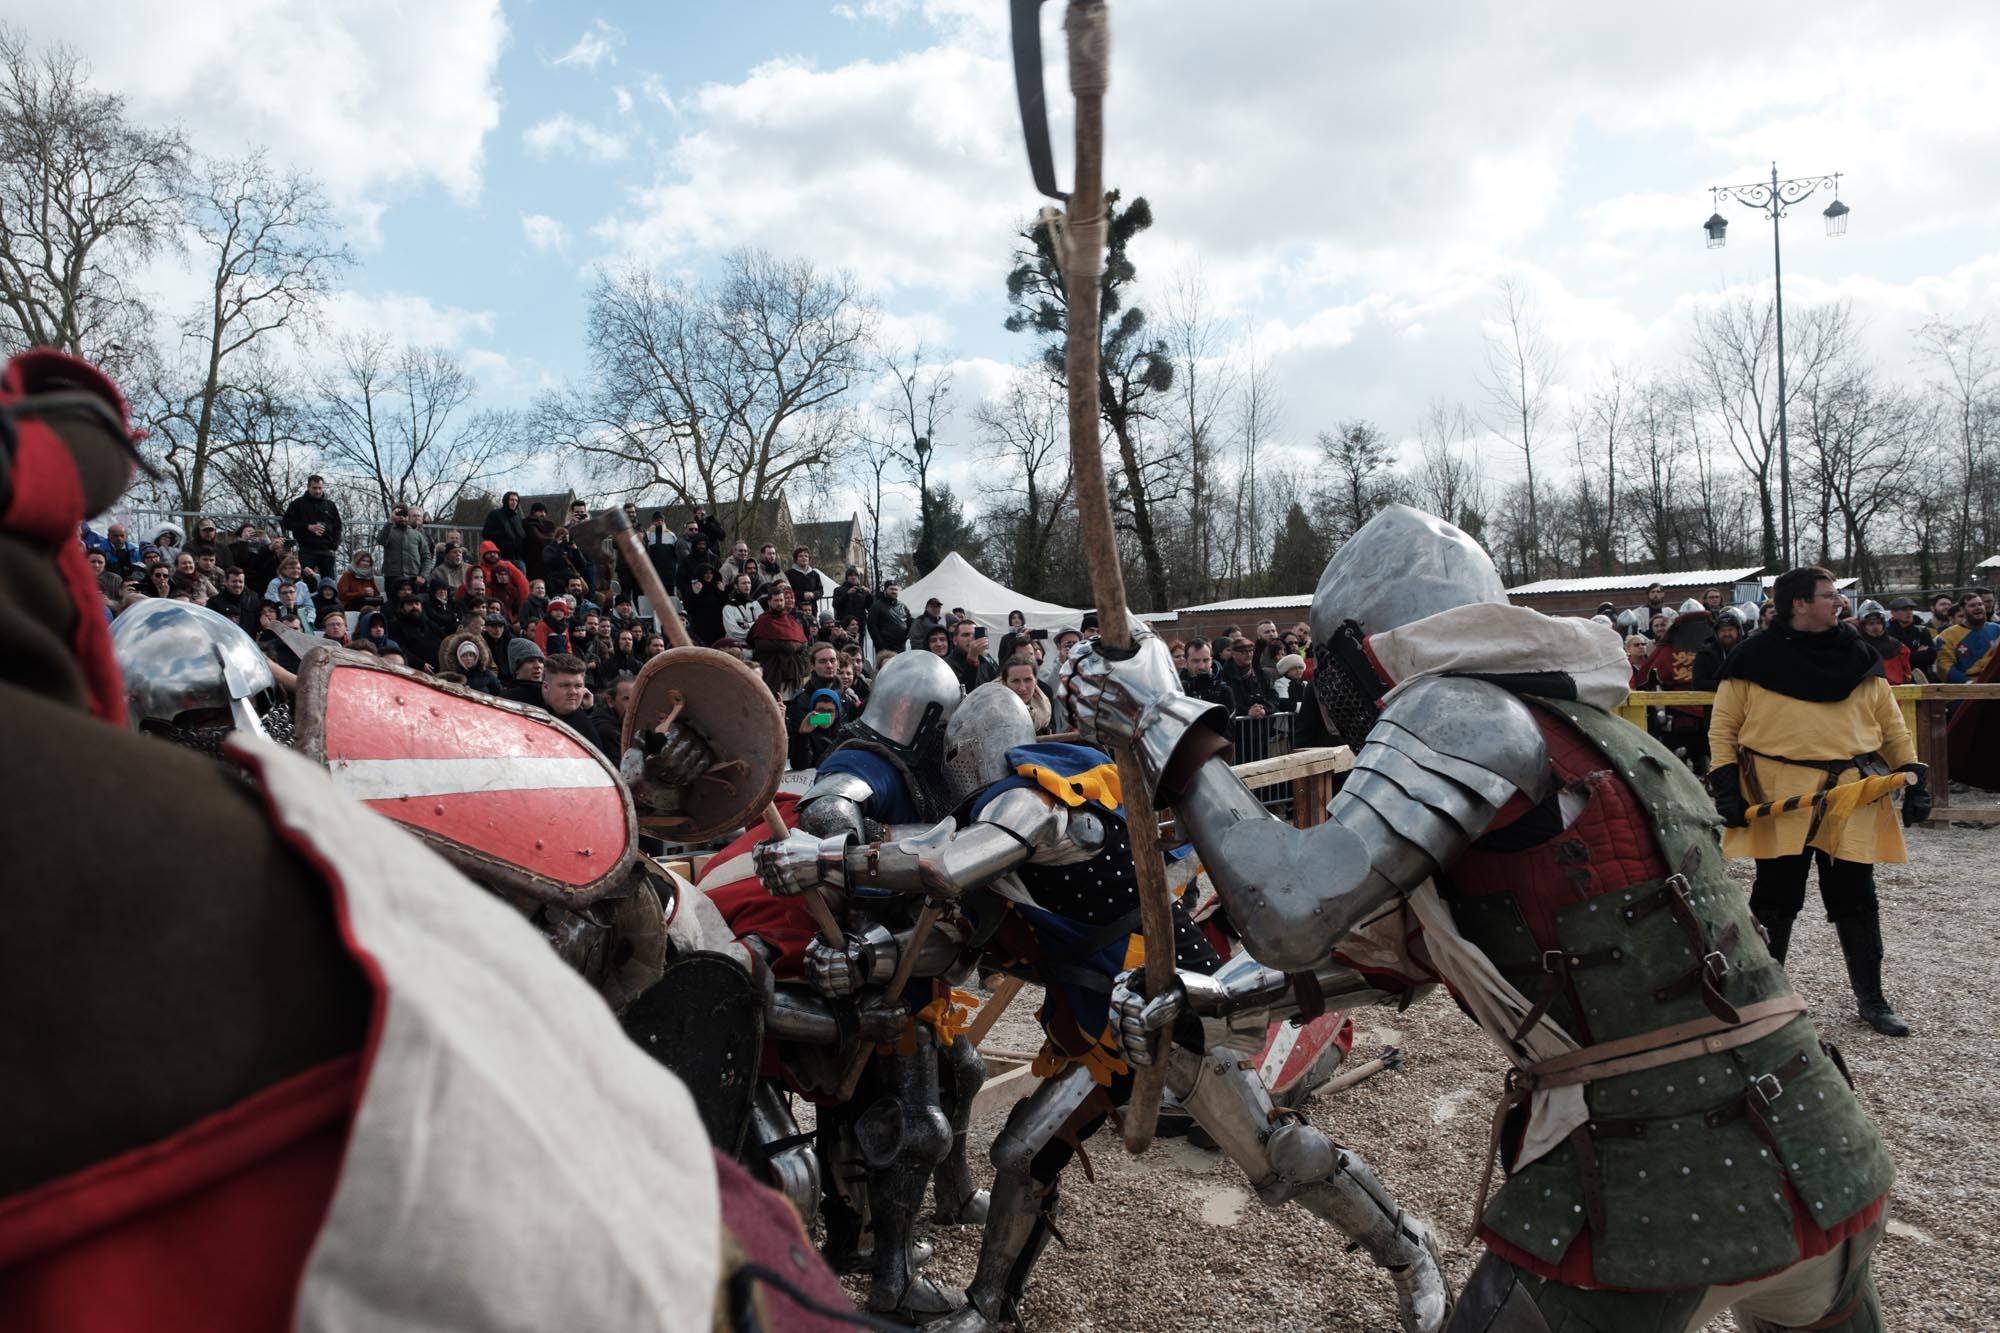 Deux équipes s'affrontent dans la lice en combat de 12 contre 12. Championnat de France de Saint Dizier. Mars 2019.